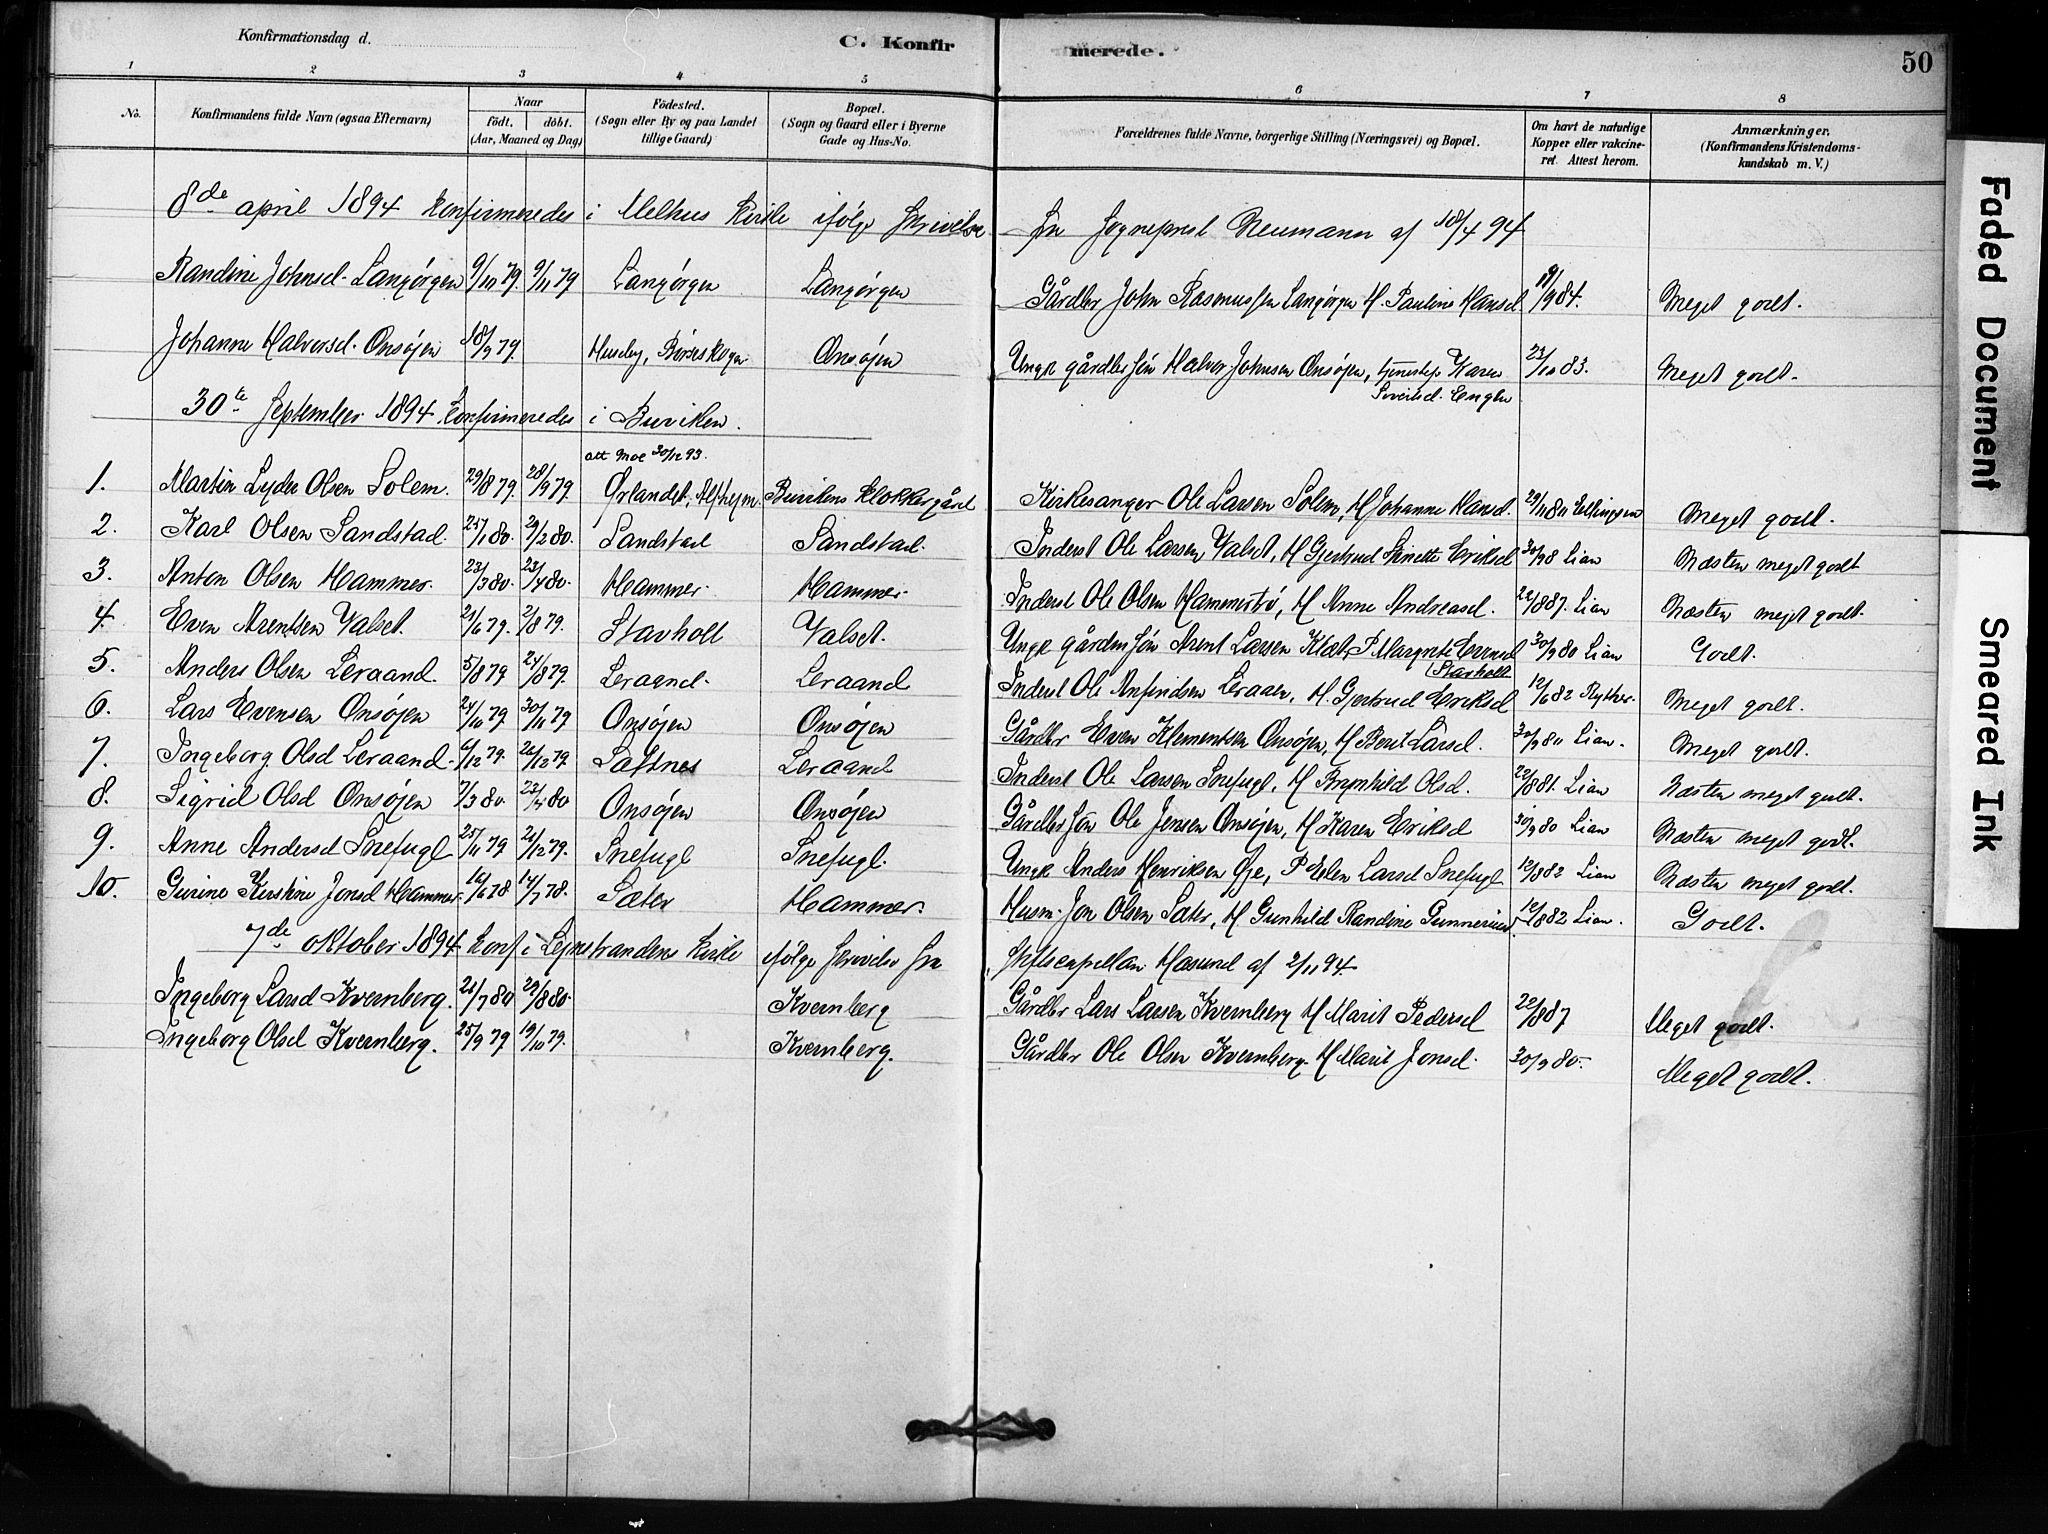 SAT, Ministerialprotokoller, klokkerbøker og fødselsregistre - Sør-Trøndelag, 666/L0786: Ministerialbok nr. 666A04, 1878-1895, s. 50